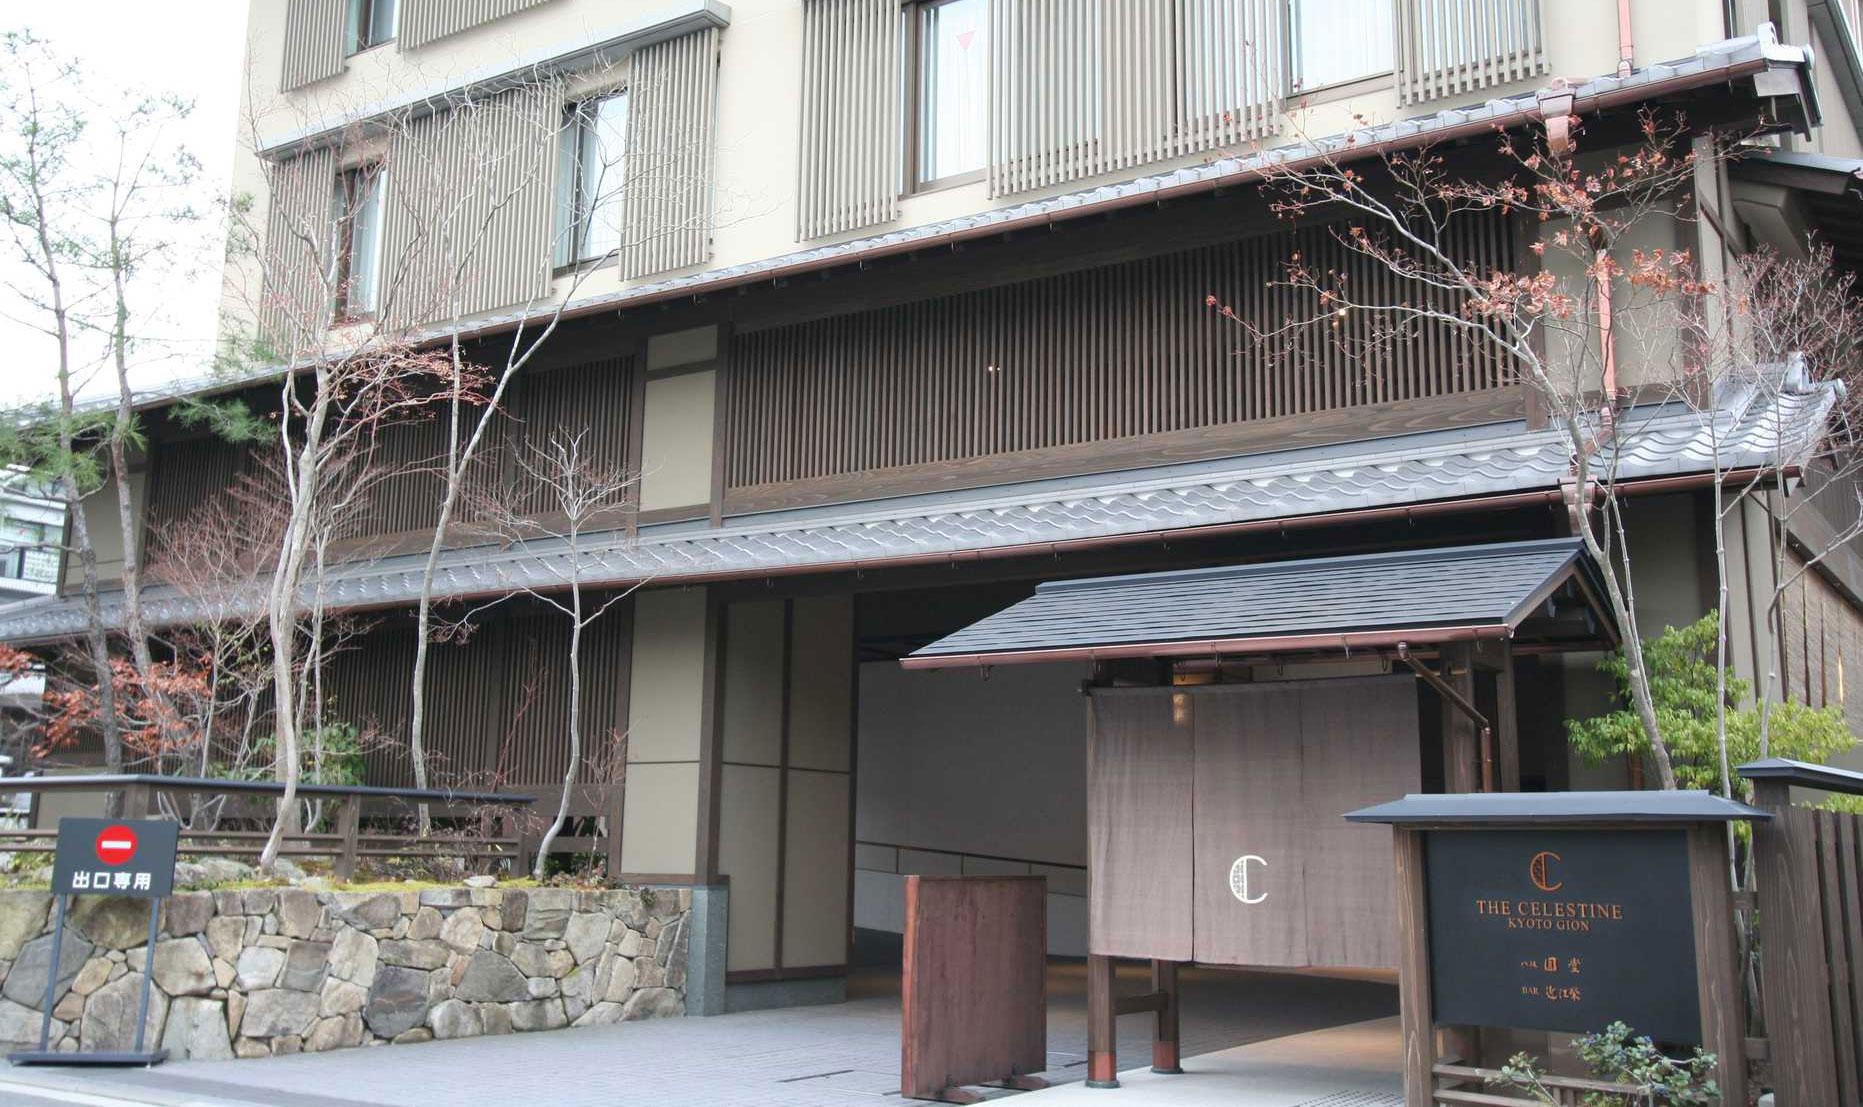 ホテル・ザ・セレスティン京都祇園の外観